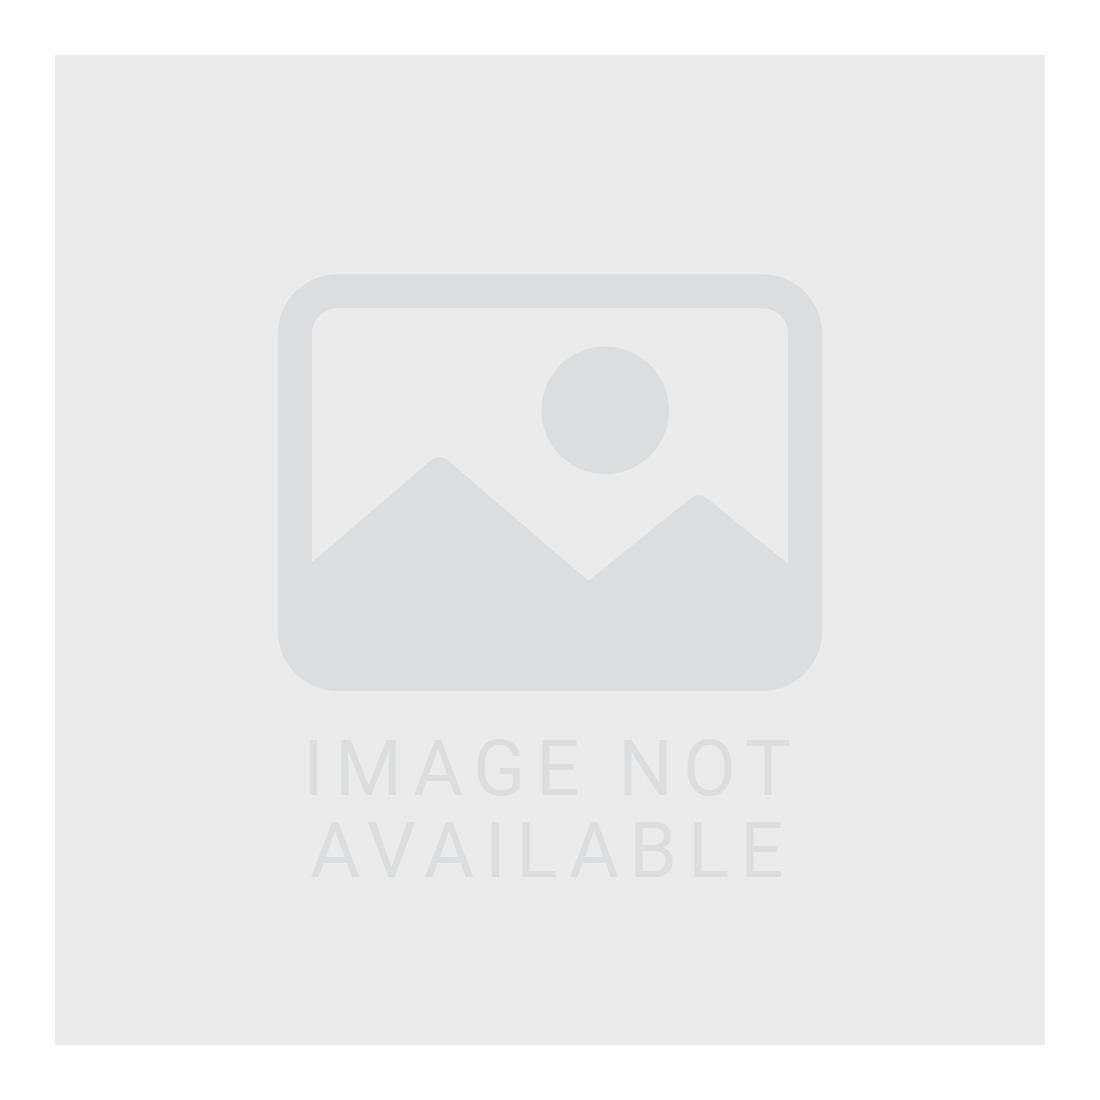 124Spider Patch Cap